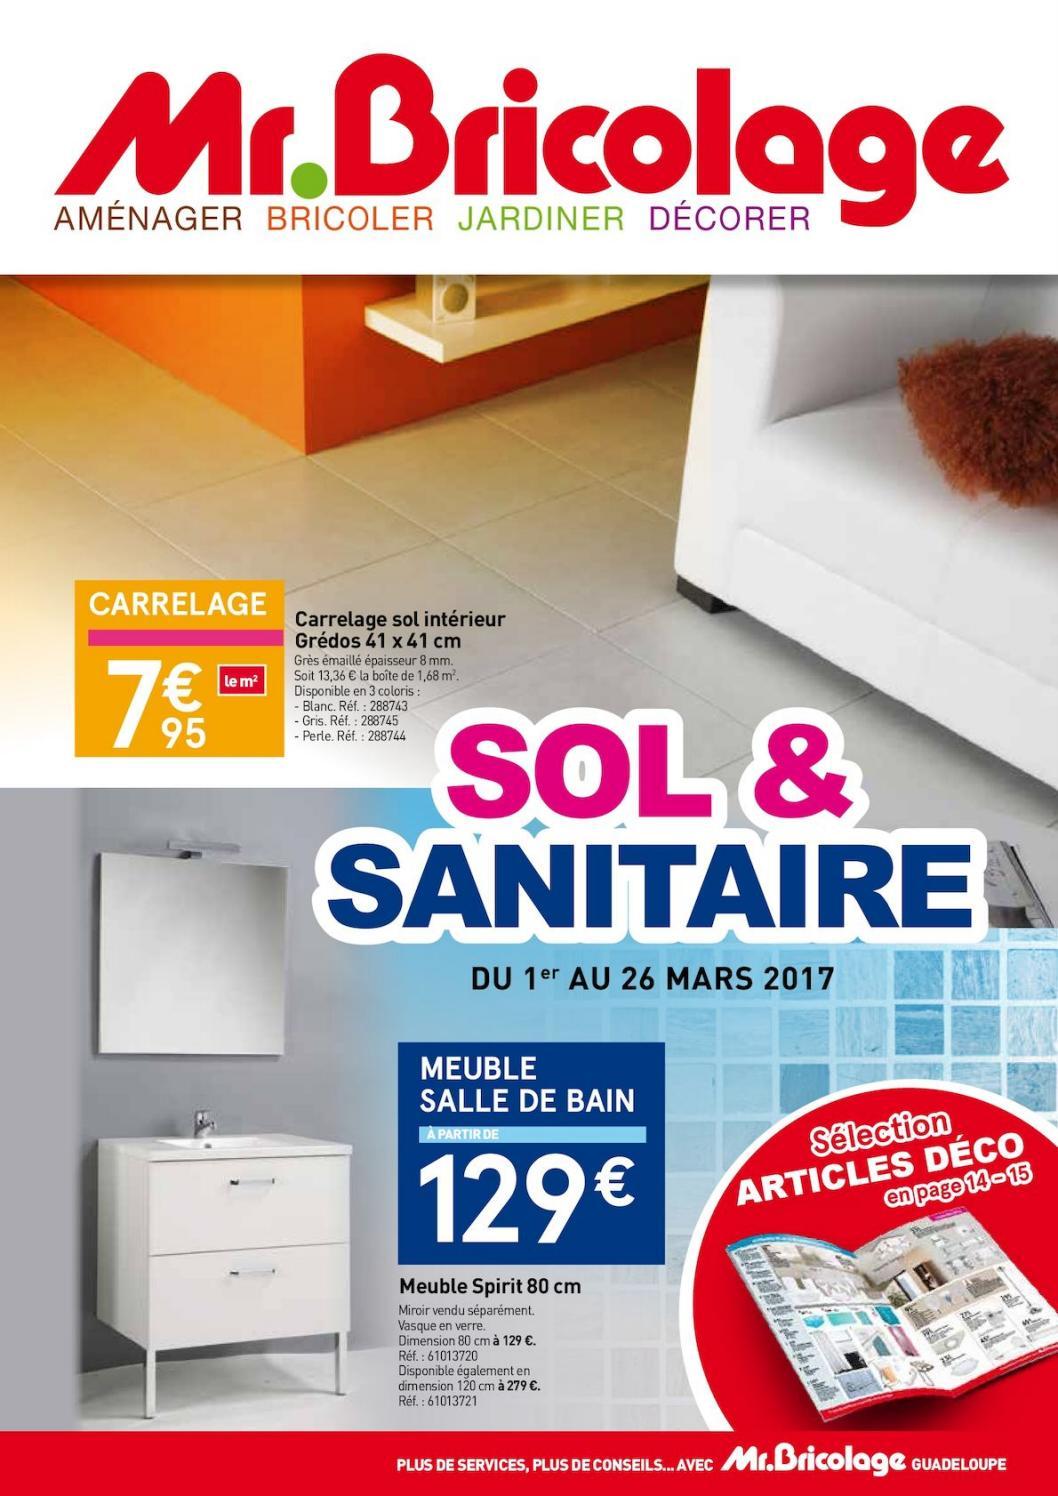 Mzuble Salle De Bain ~ Mr Bricolage Guadeloupe Sol Sanitaire Du 1er Au 26 Mars 2017